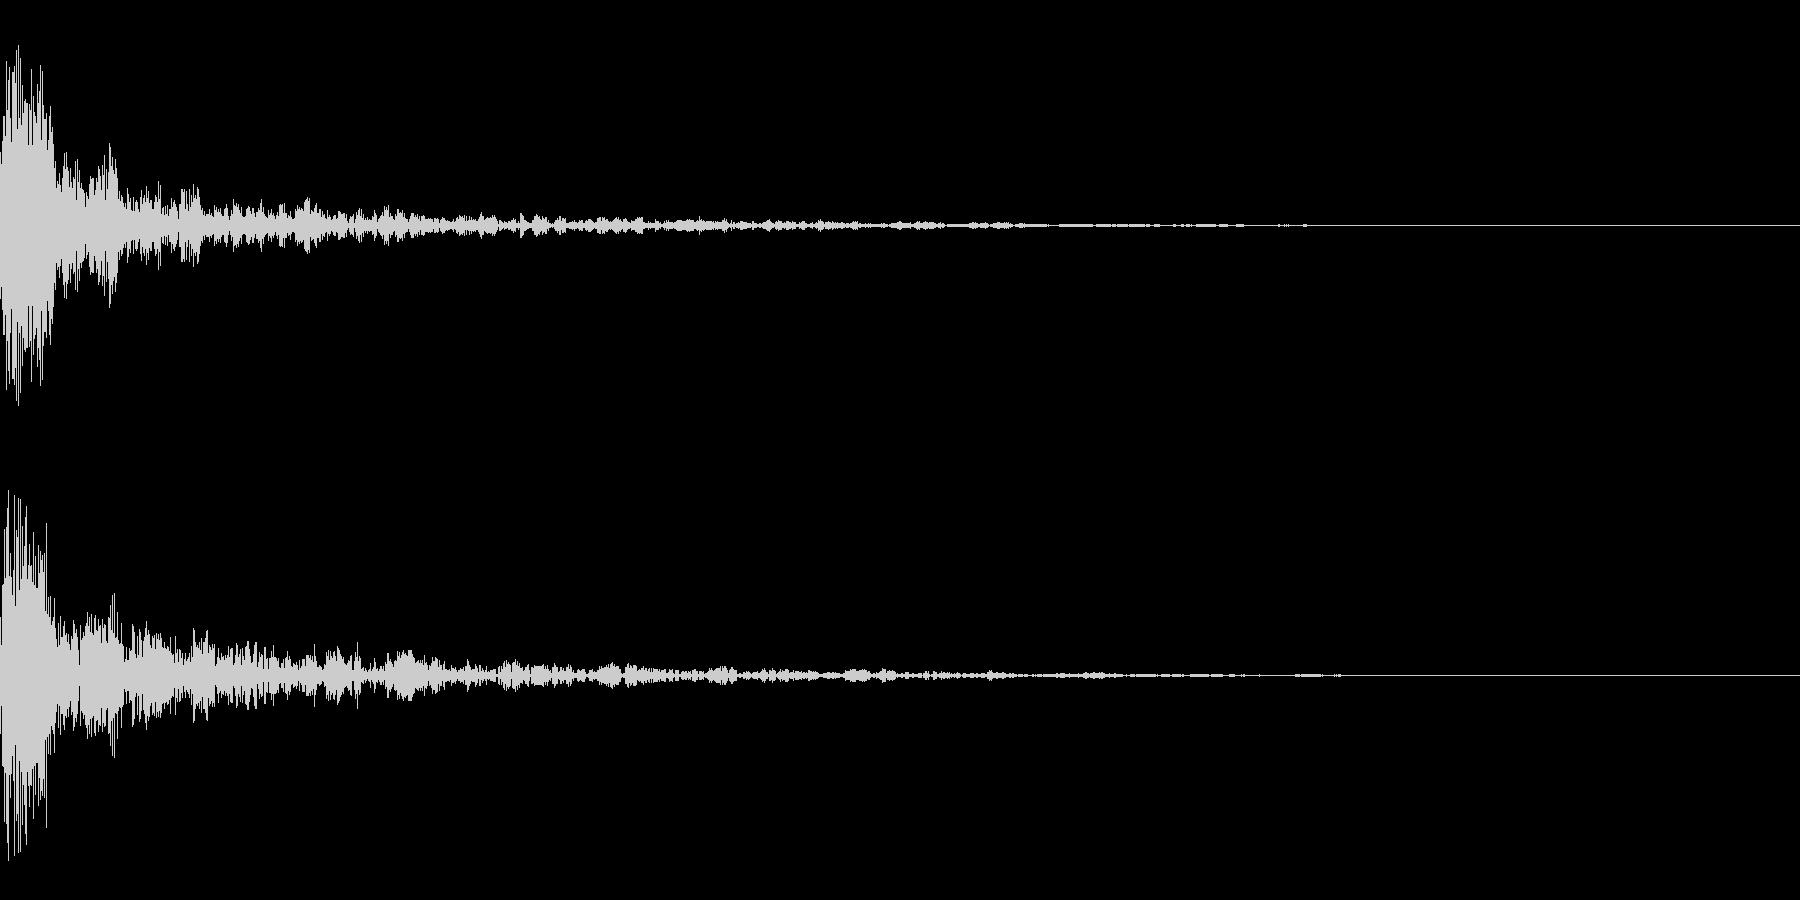 ドーン-22-1(インパクト音)の未再生の波形